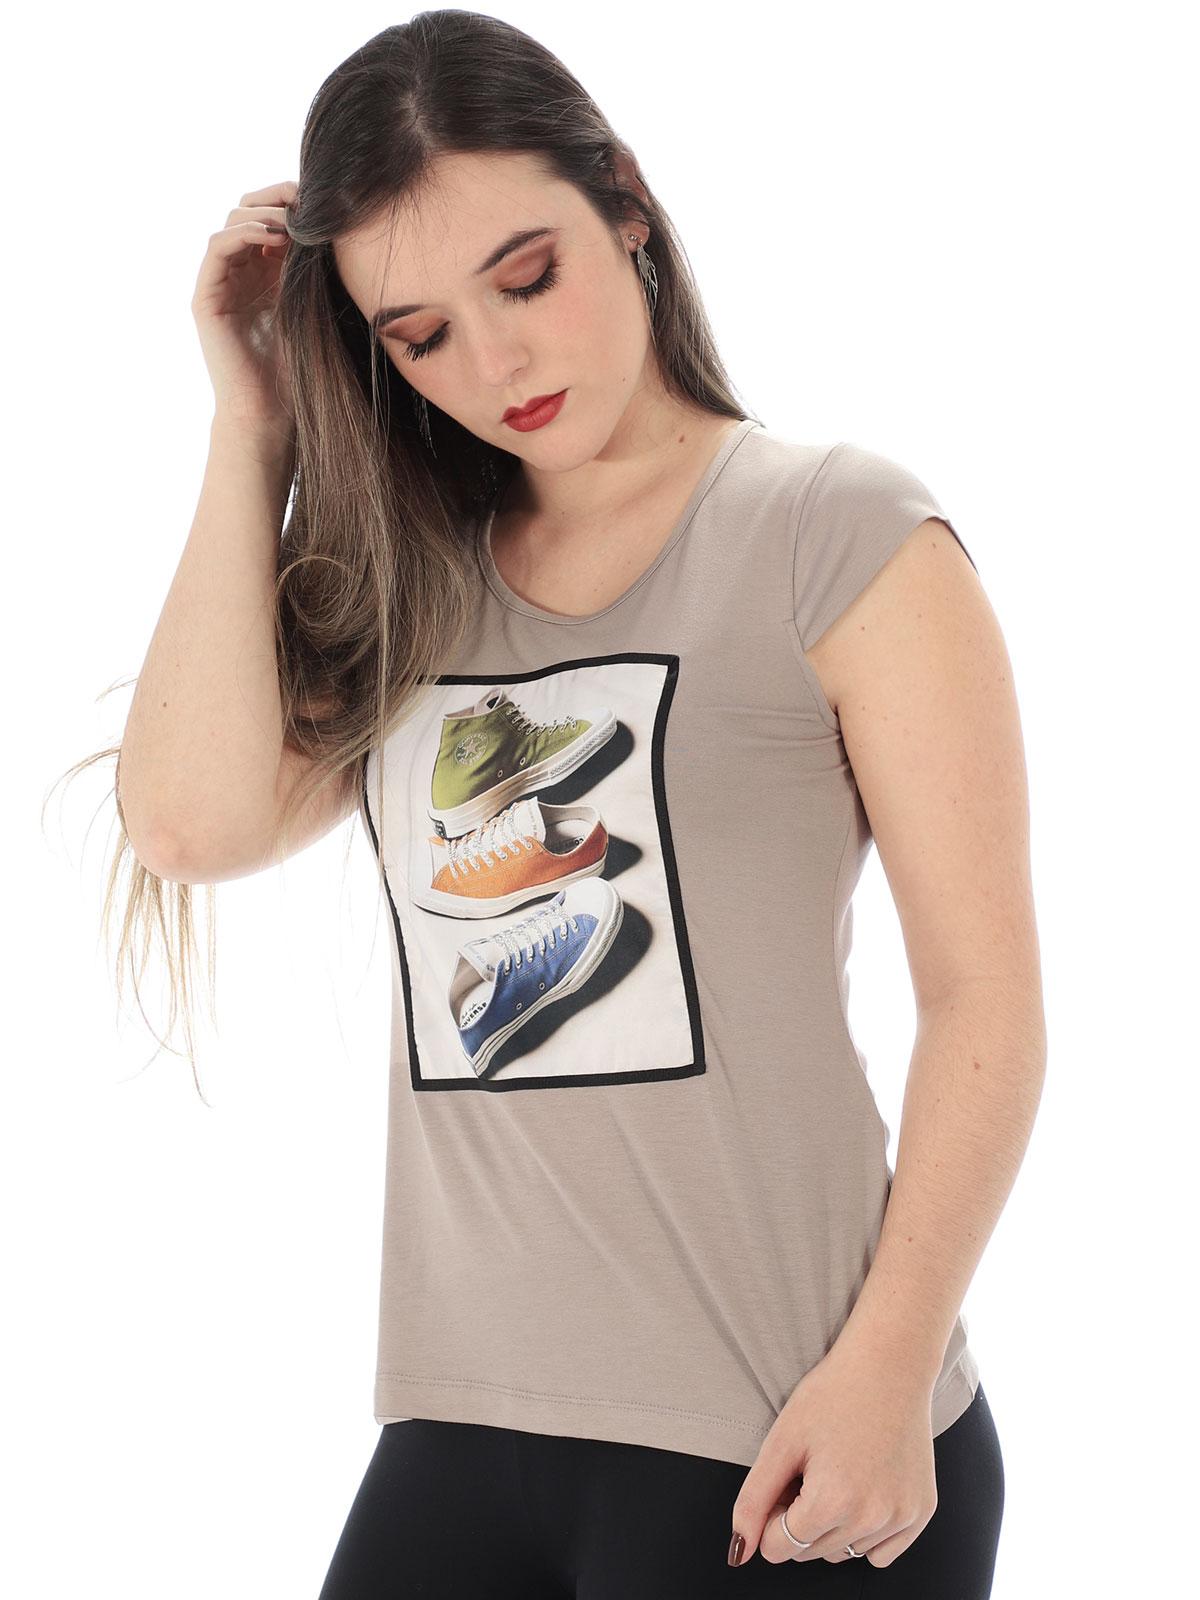 Blusa Feminina Visco com Aplicação Tenis Anistia Areia